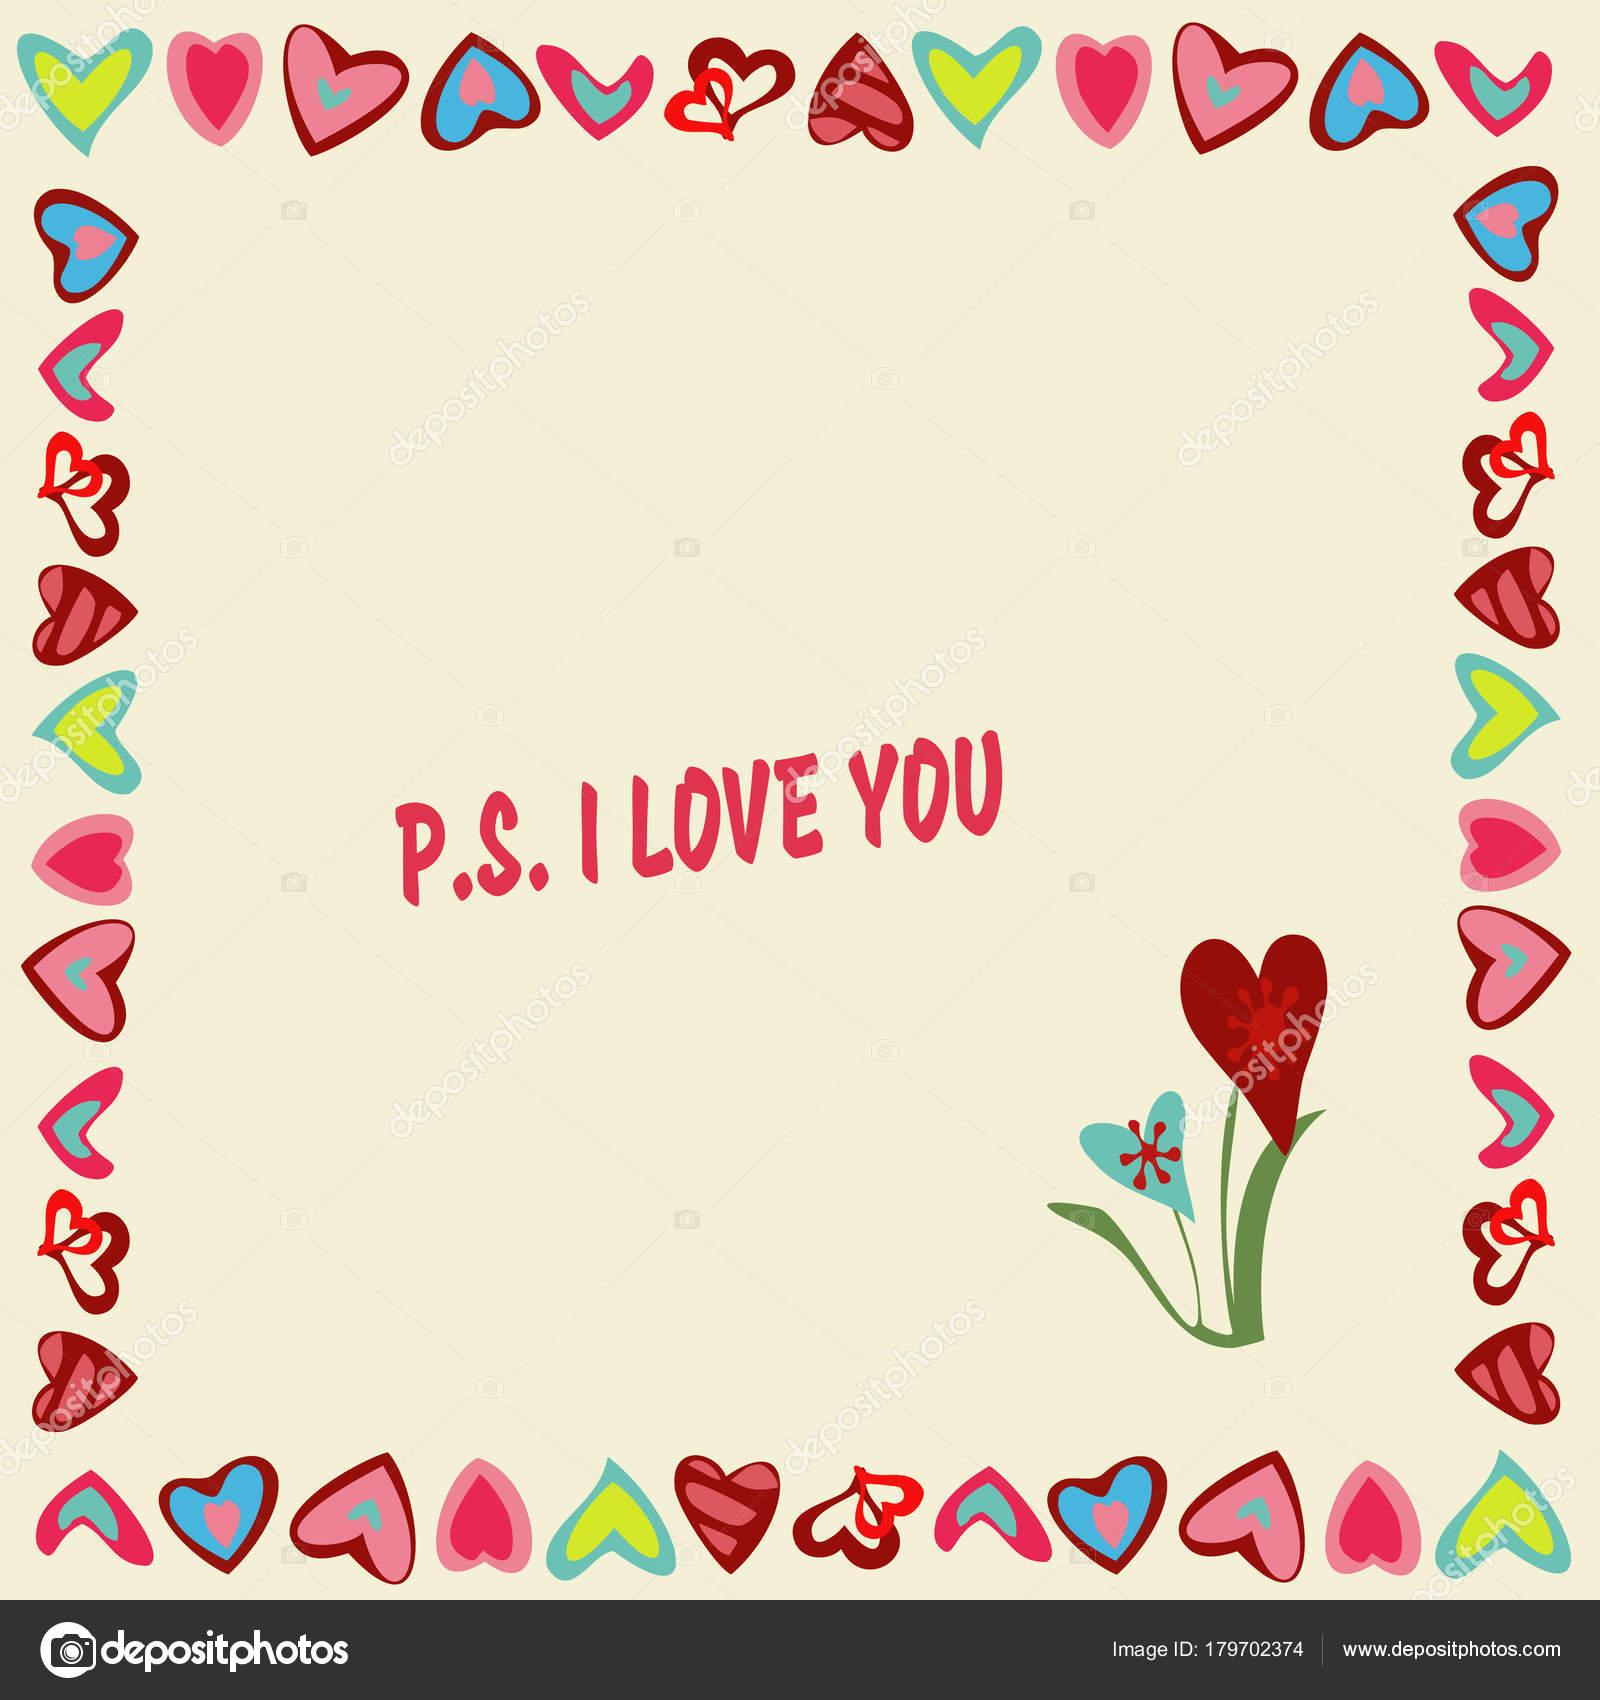 Marco de corazones sobre un fondo amarillo con texto P.S. Te quiero ...